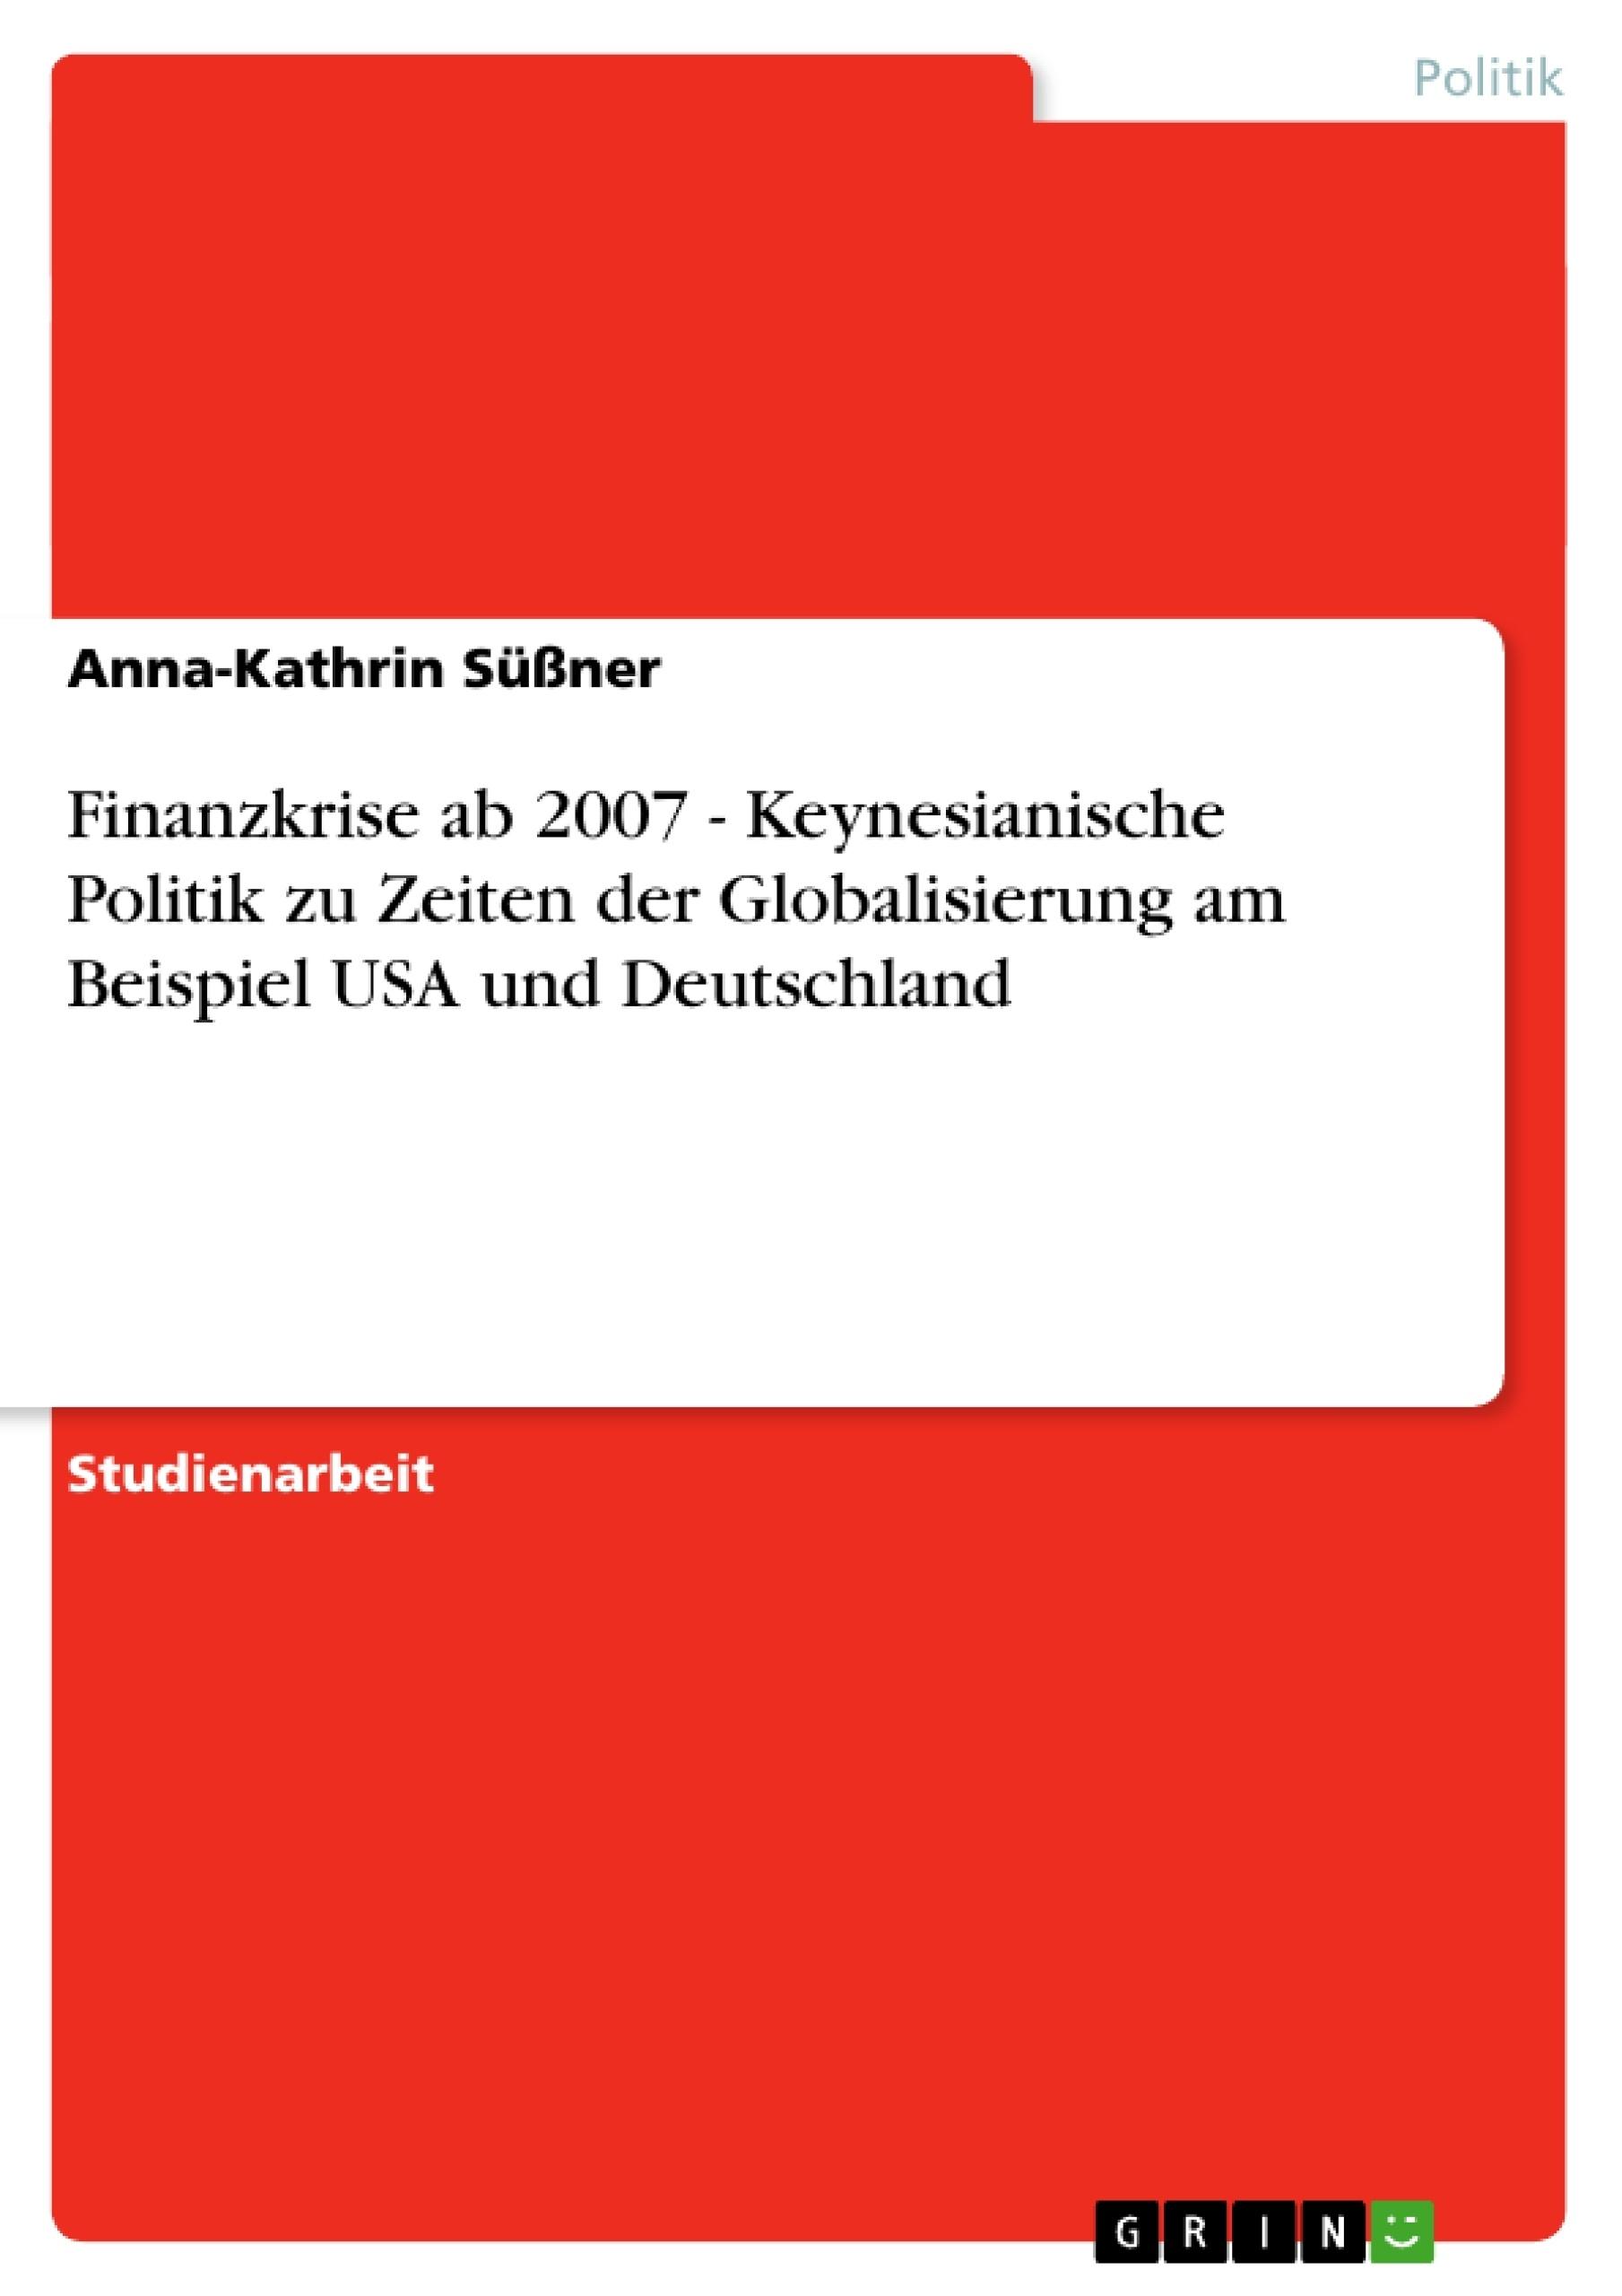 Titel: Finanzkrise ab 2007 - Keynesianische Politik zu Zeiten der Globalisierung am Beispiel USA und Deutschland